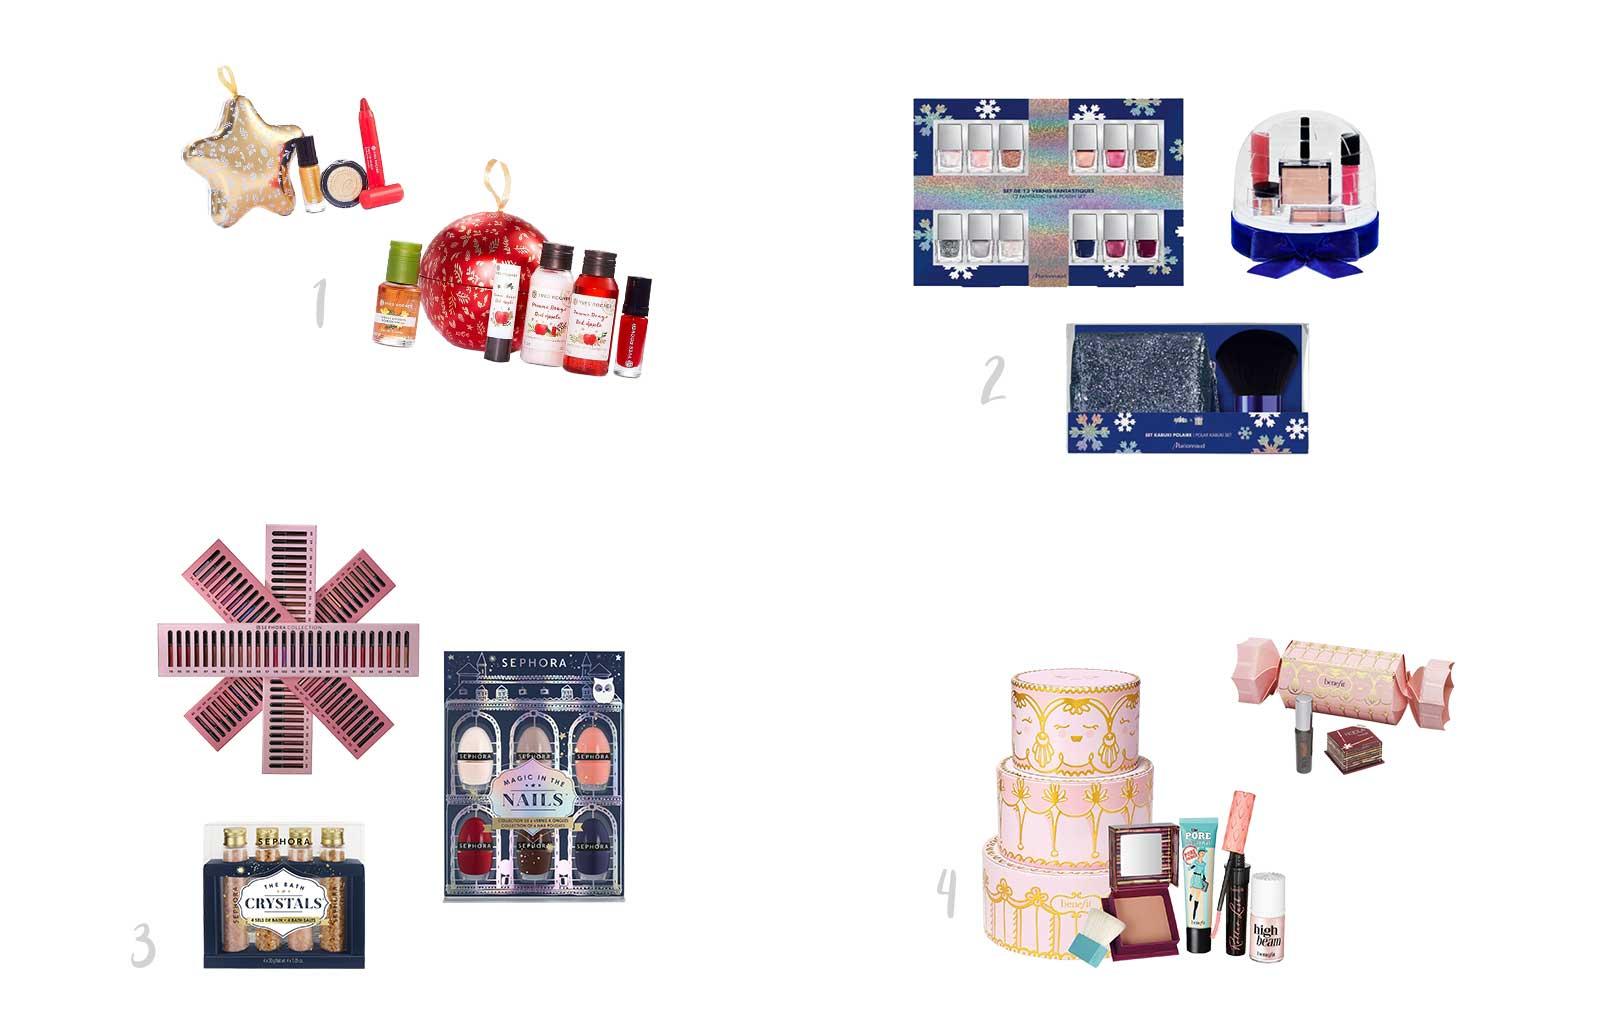 Noël idées cadeaux beauty addict coffret collection